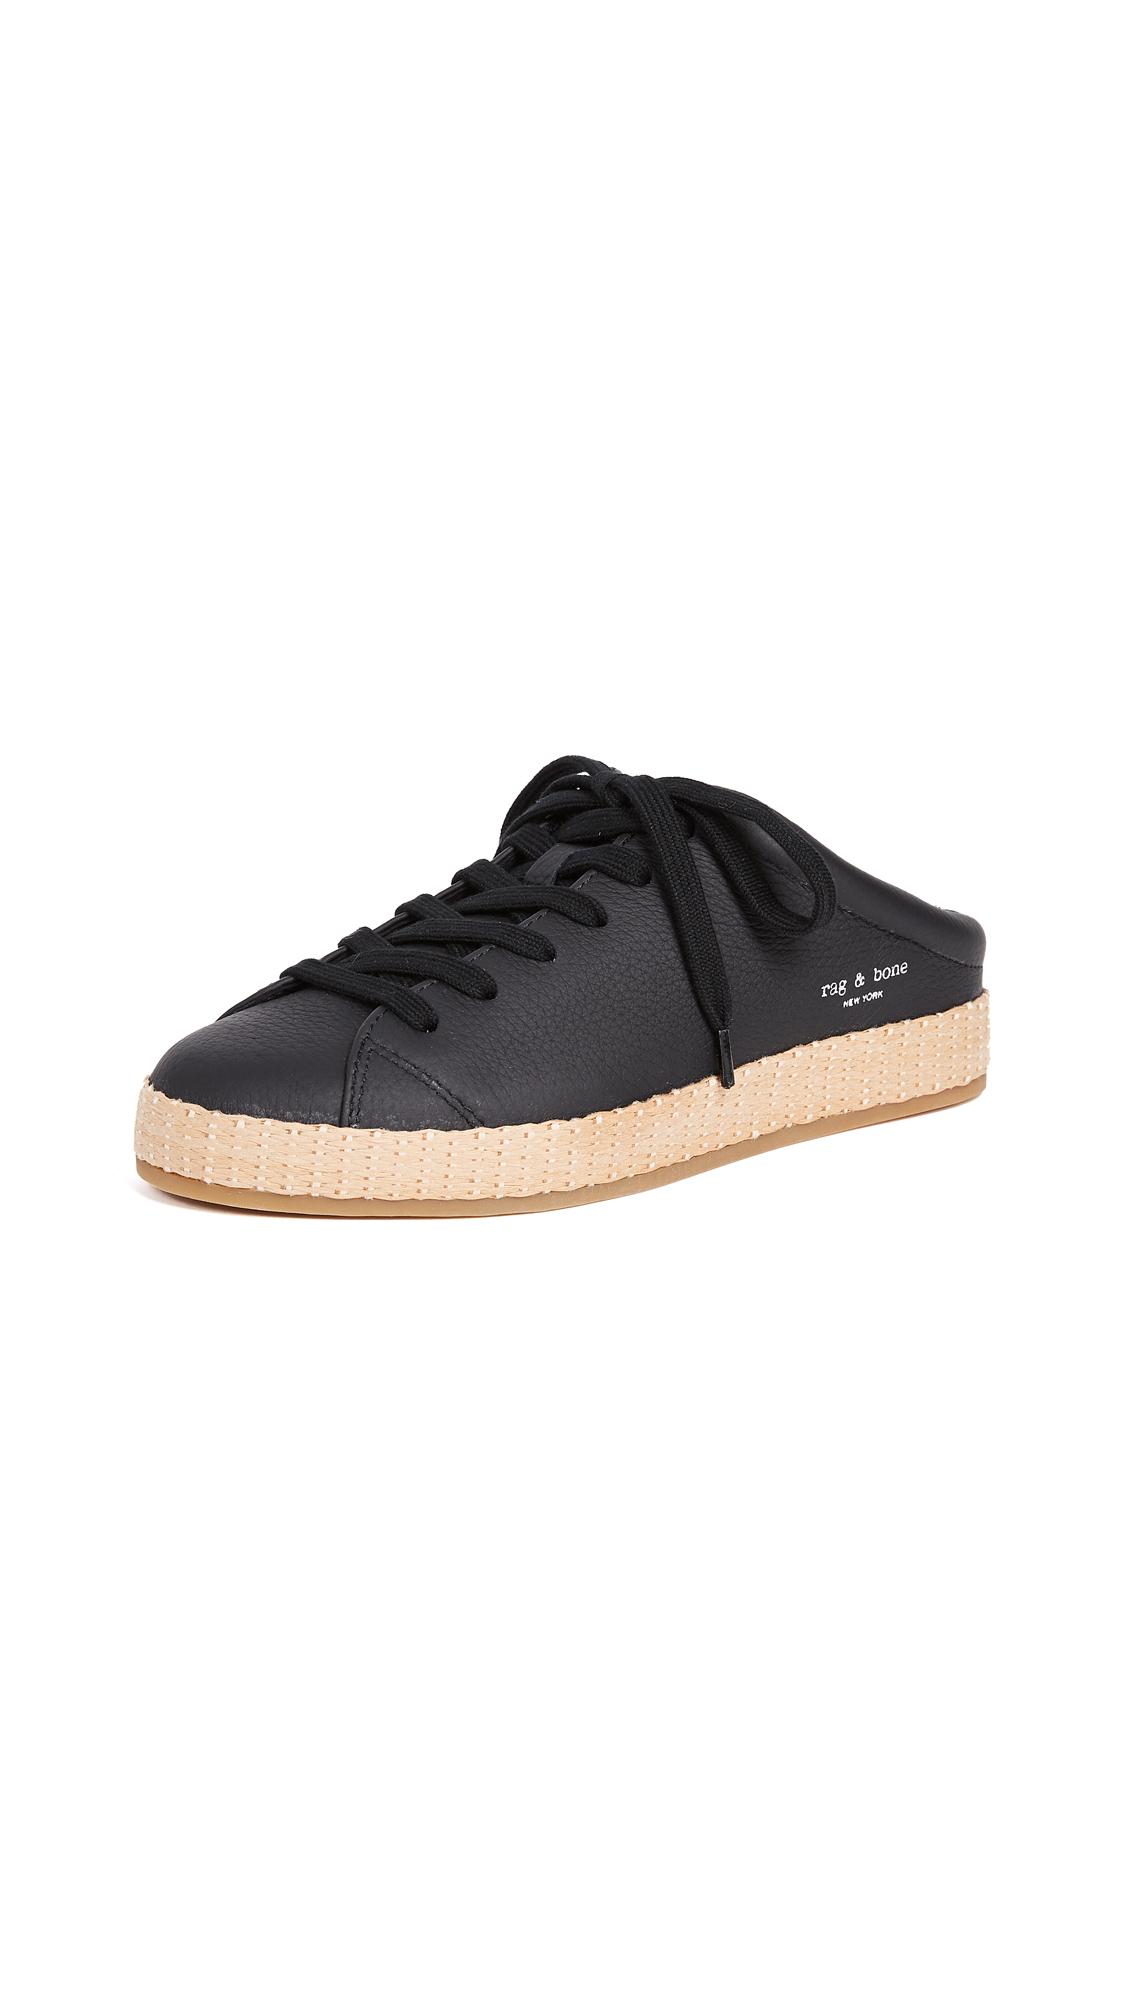 Rag & Bone RB1 Mule Sneakers - Black